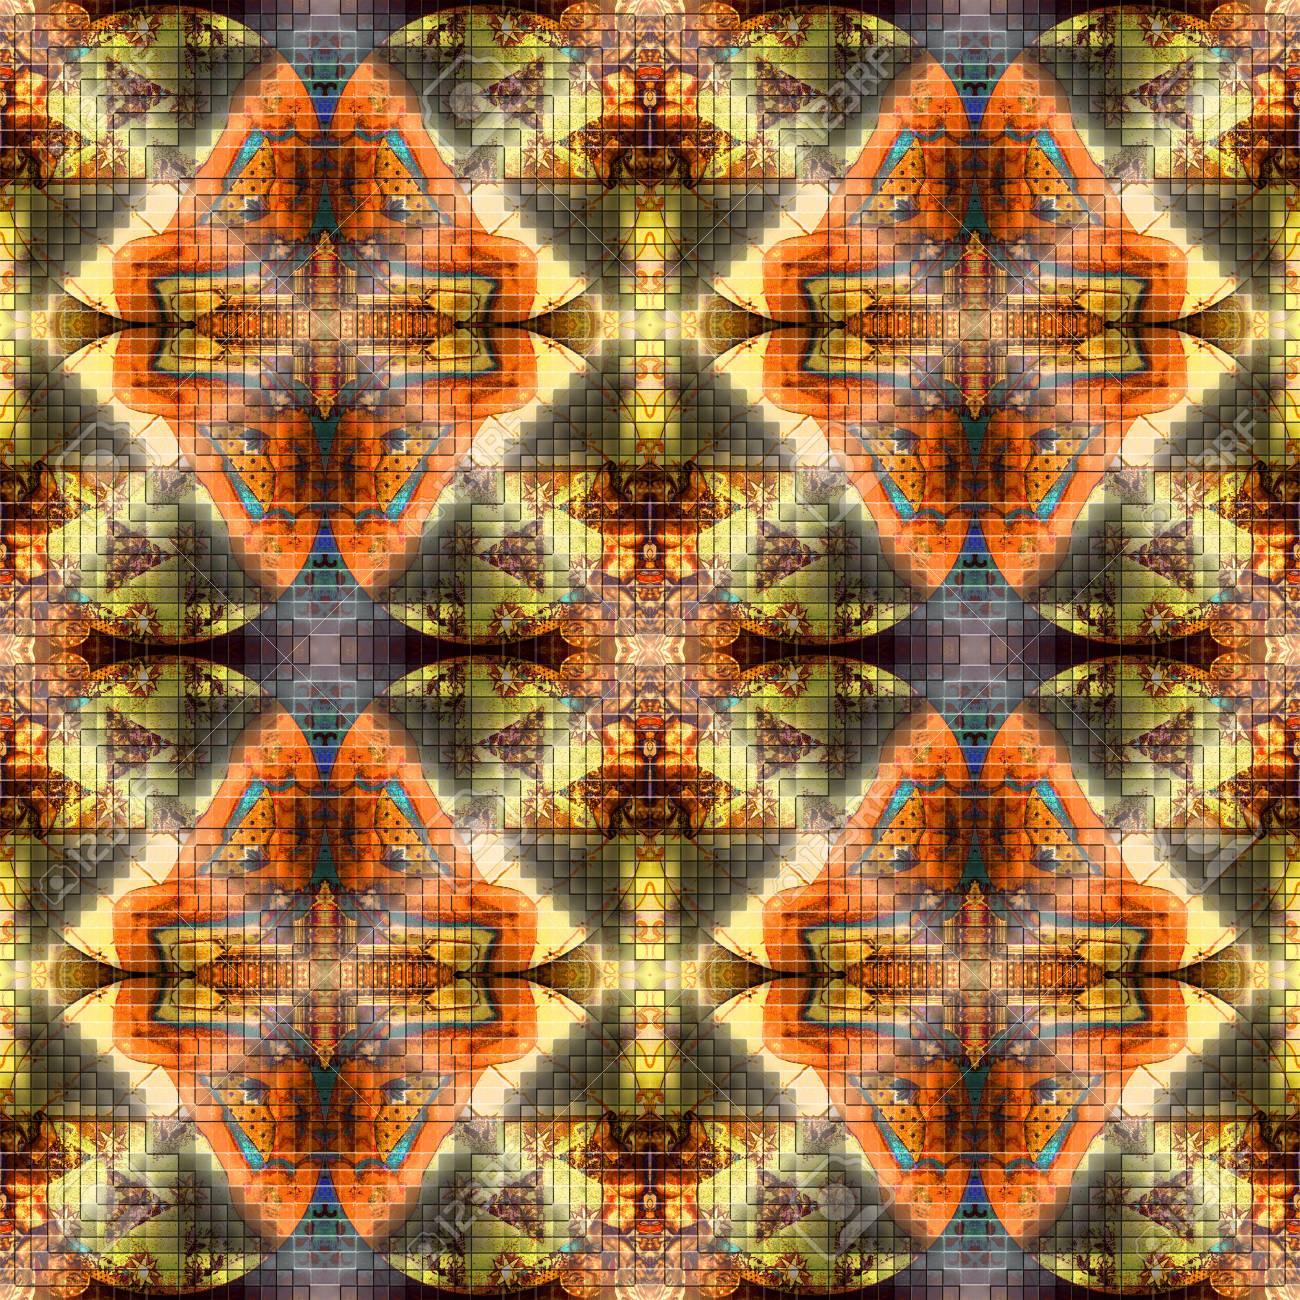 天使とシームレスなファンタジー パターン 例えば 生地 壁紙 壁の